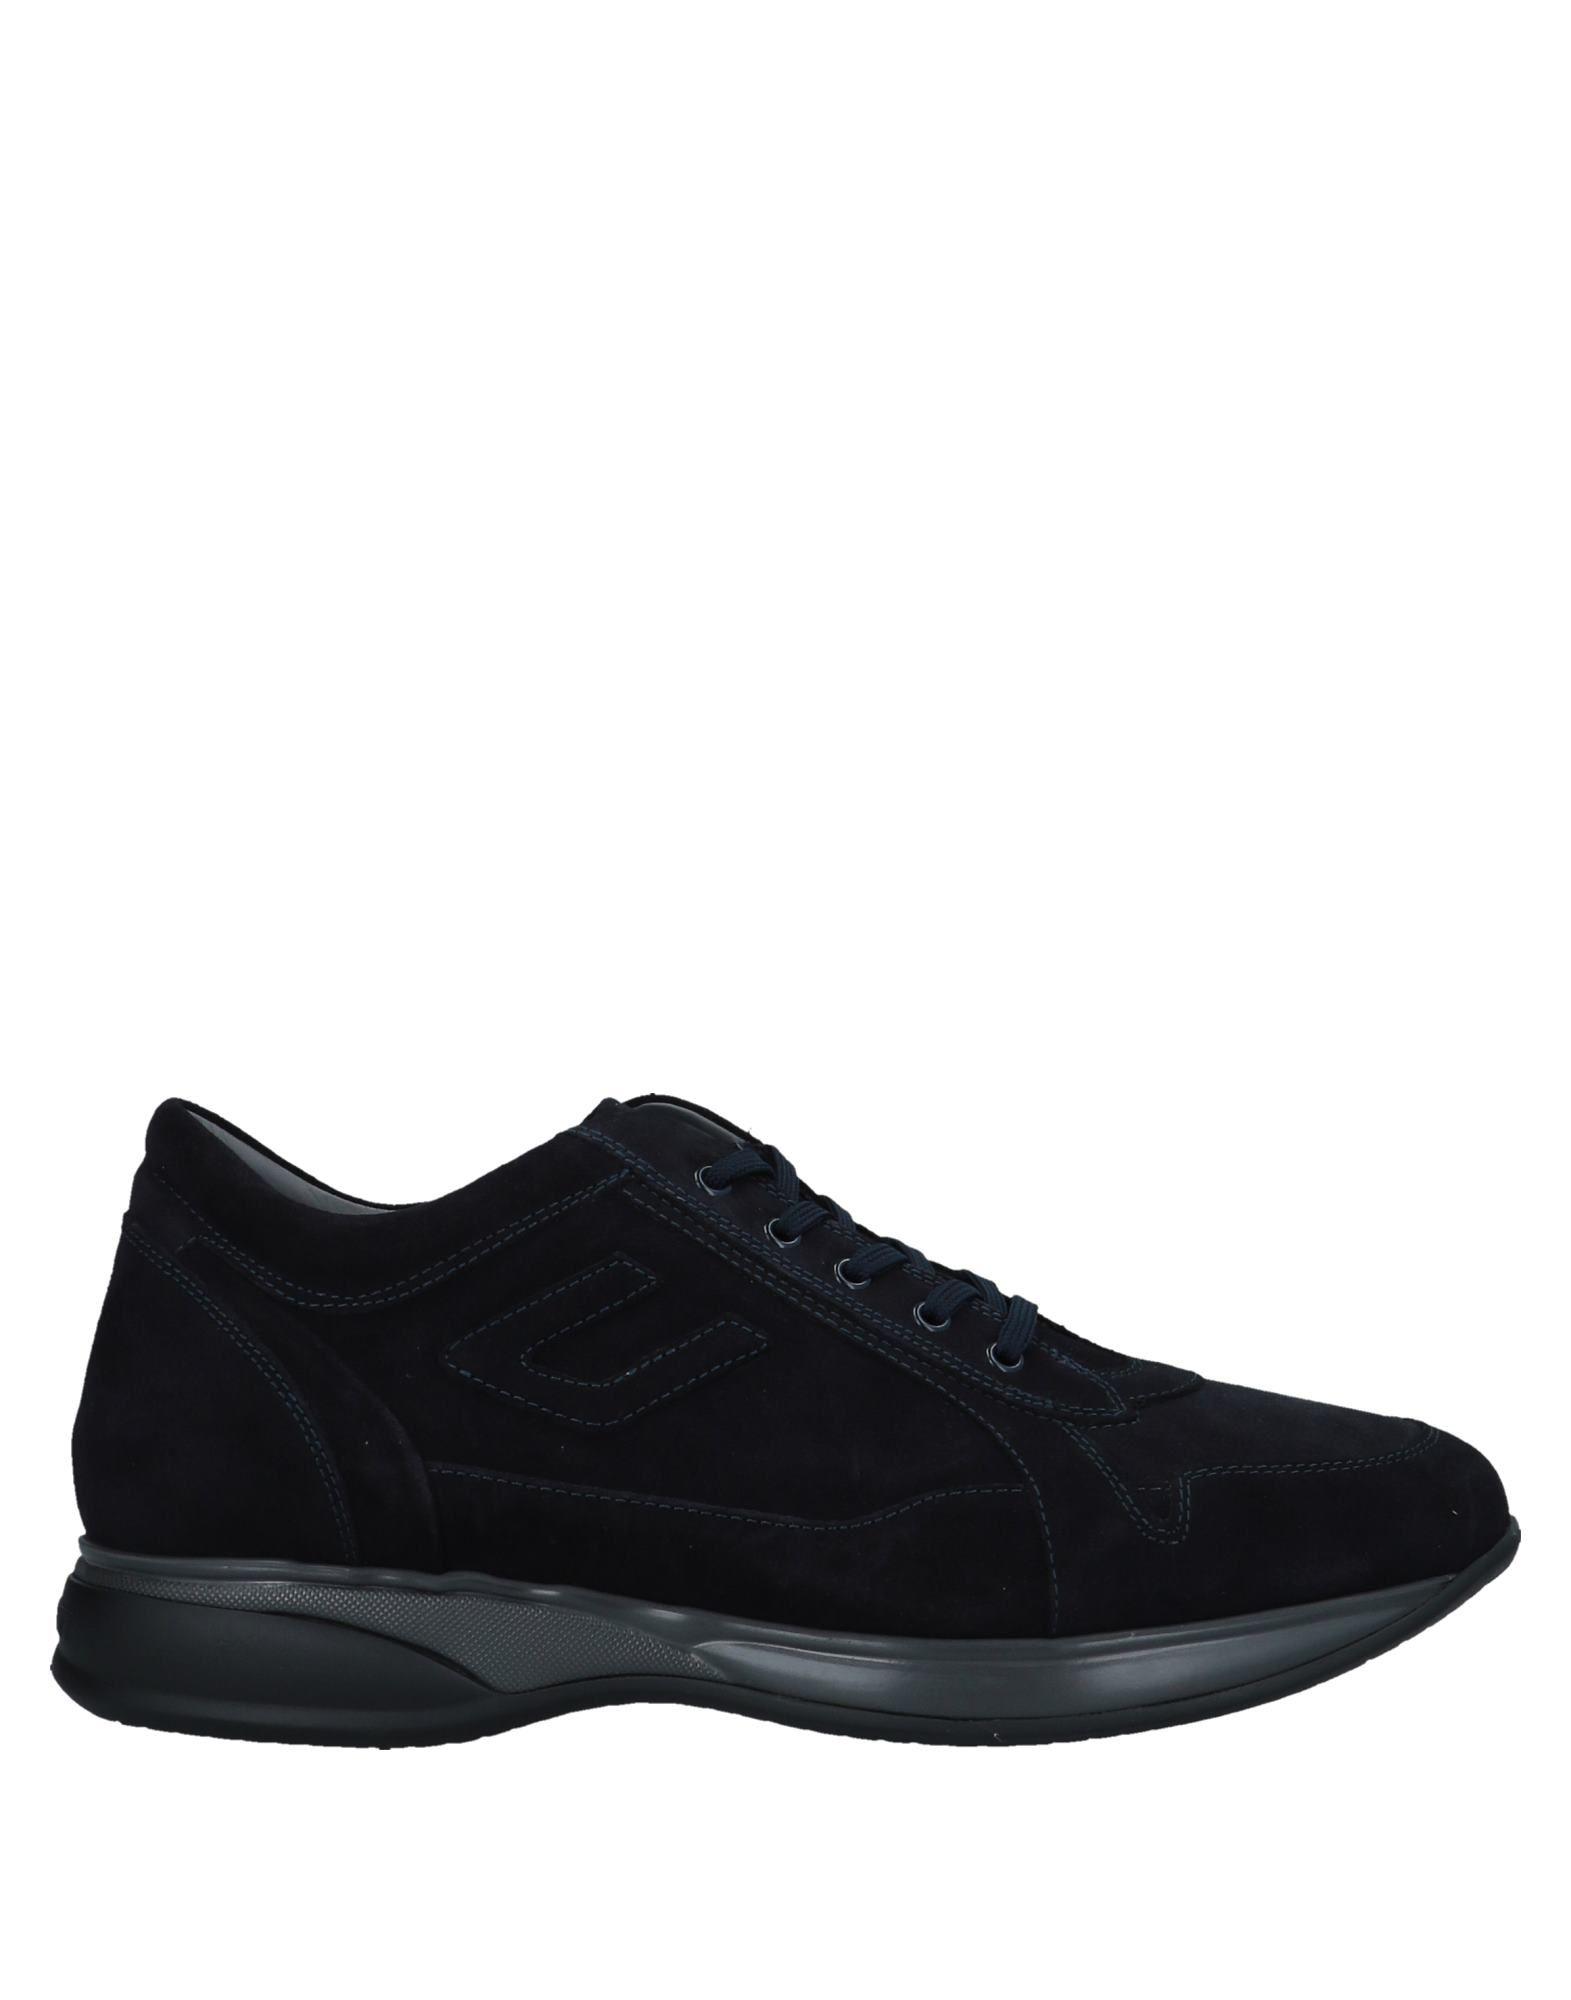 Rabatt echte Sneakers Schuhe Cesare Paciotti 4Us Sneakers echte Herren  11206289BN 638617